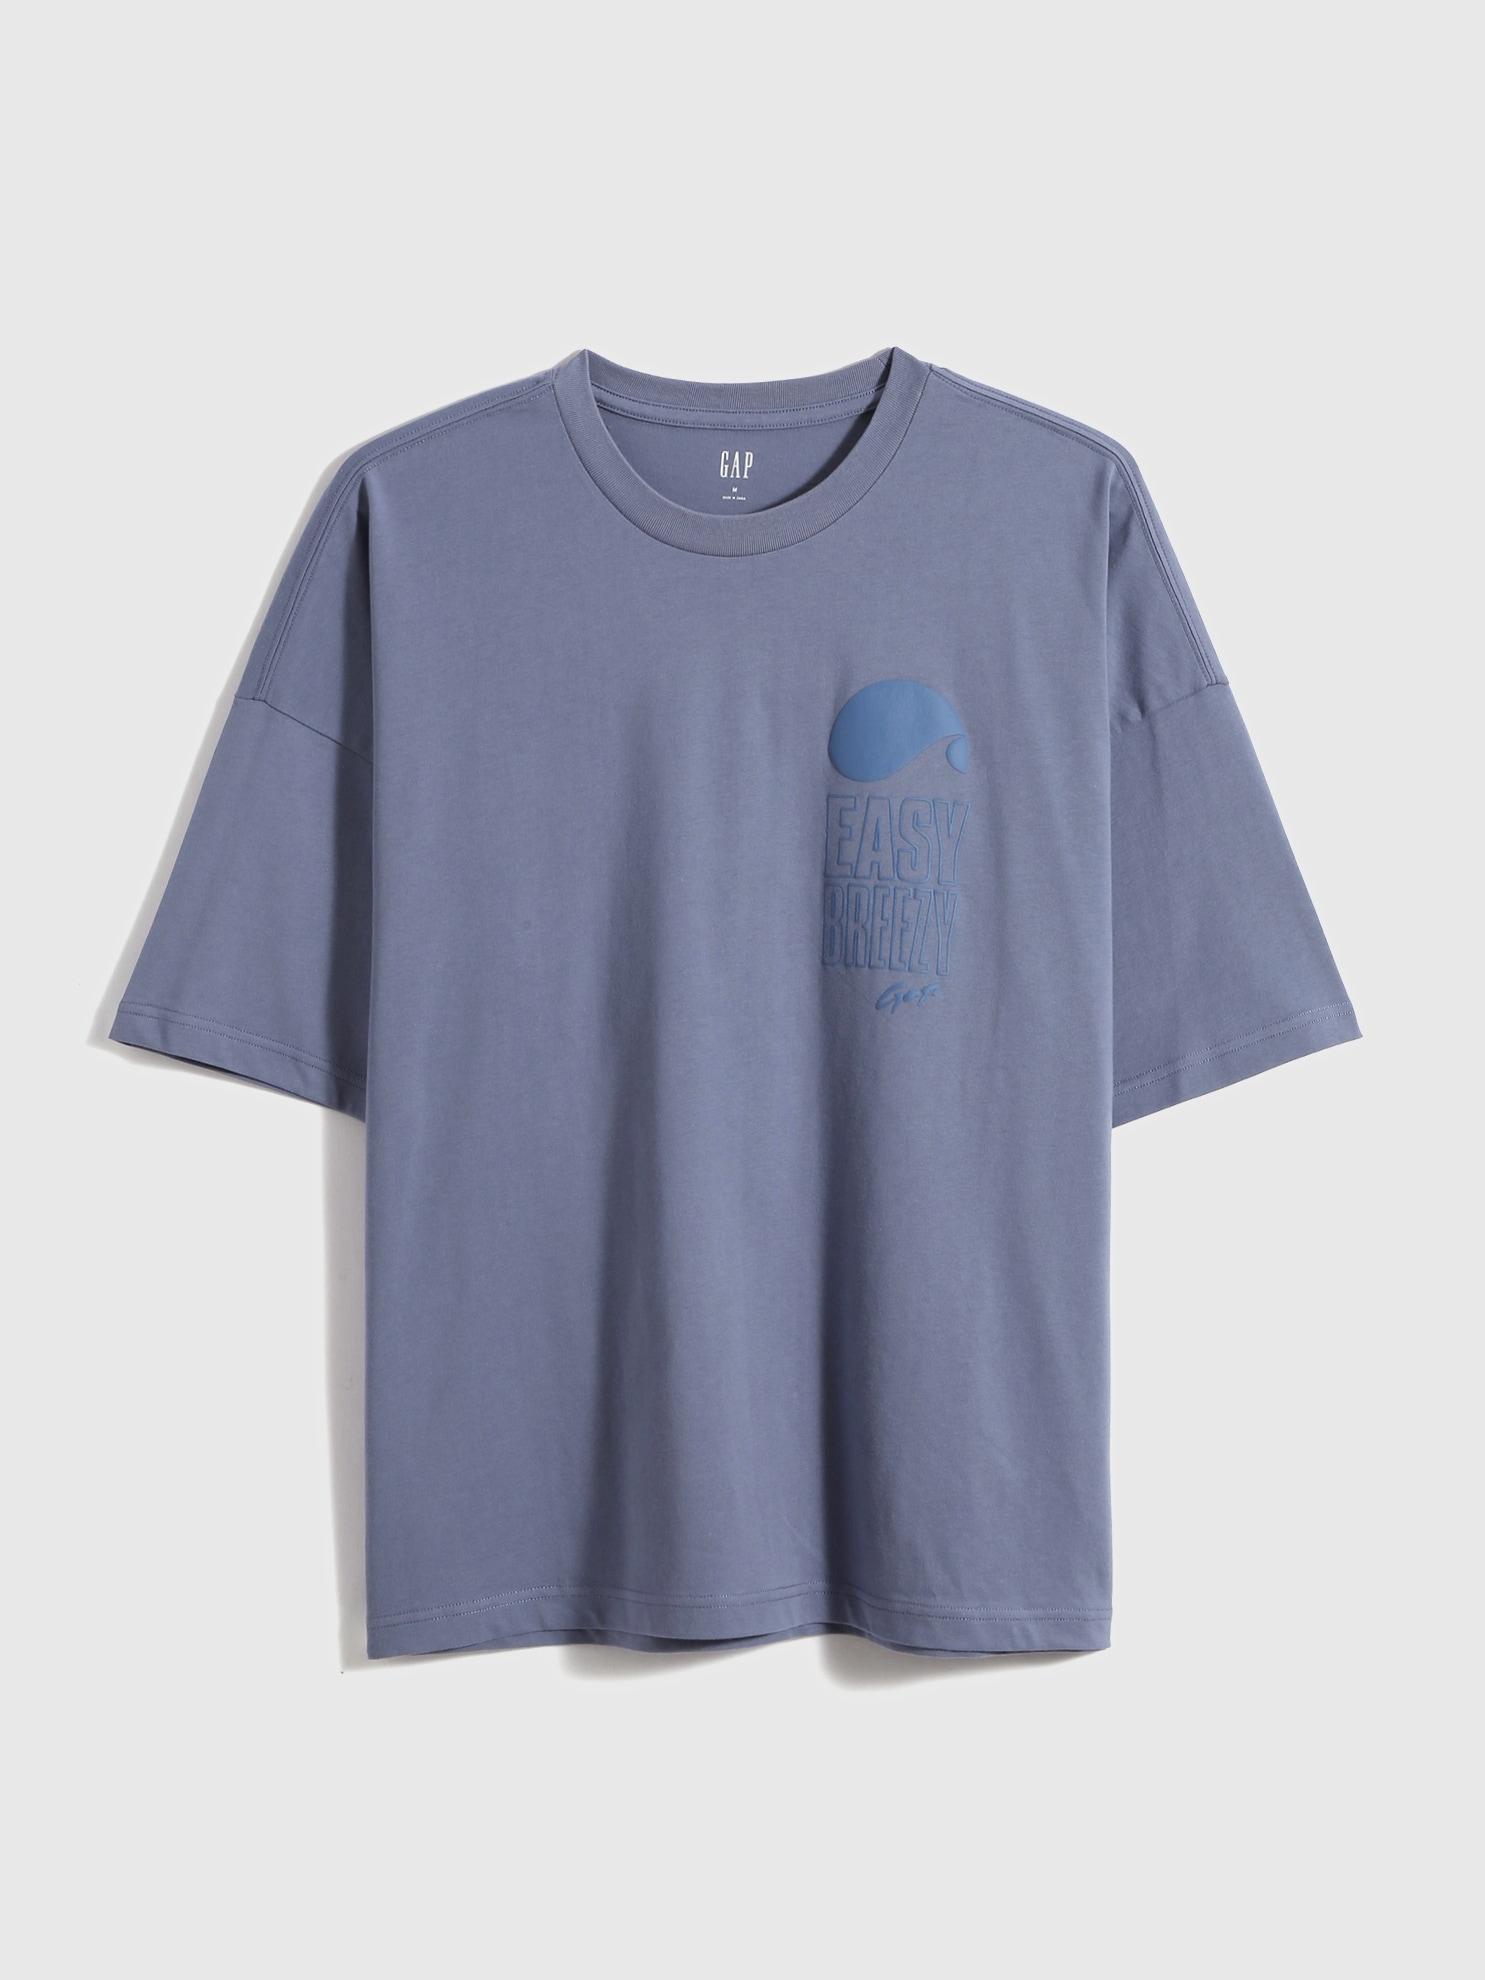 ルーズフィット ロゴ 半袖tシャツ